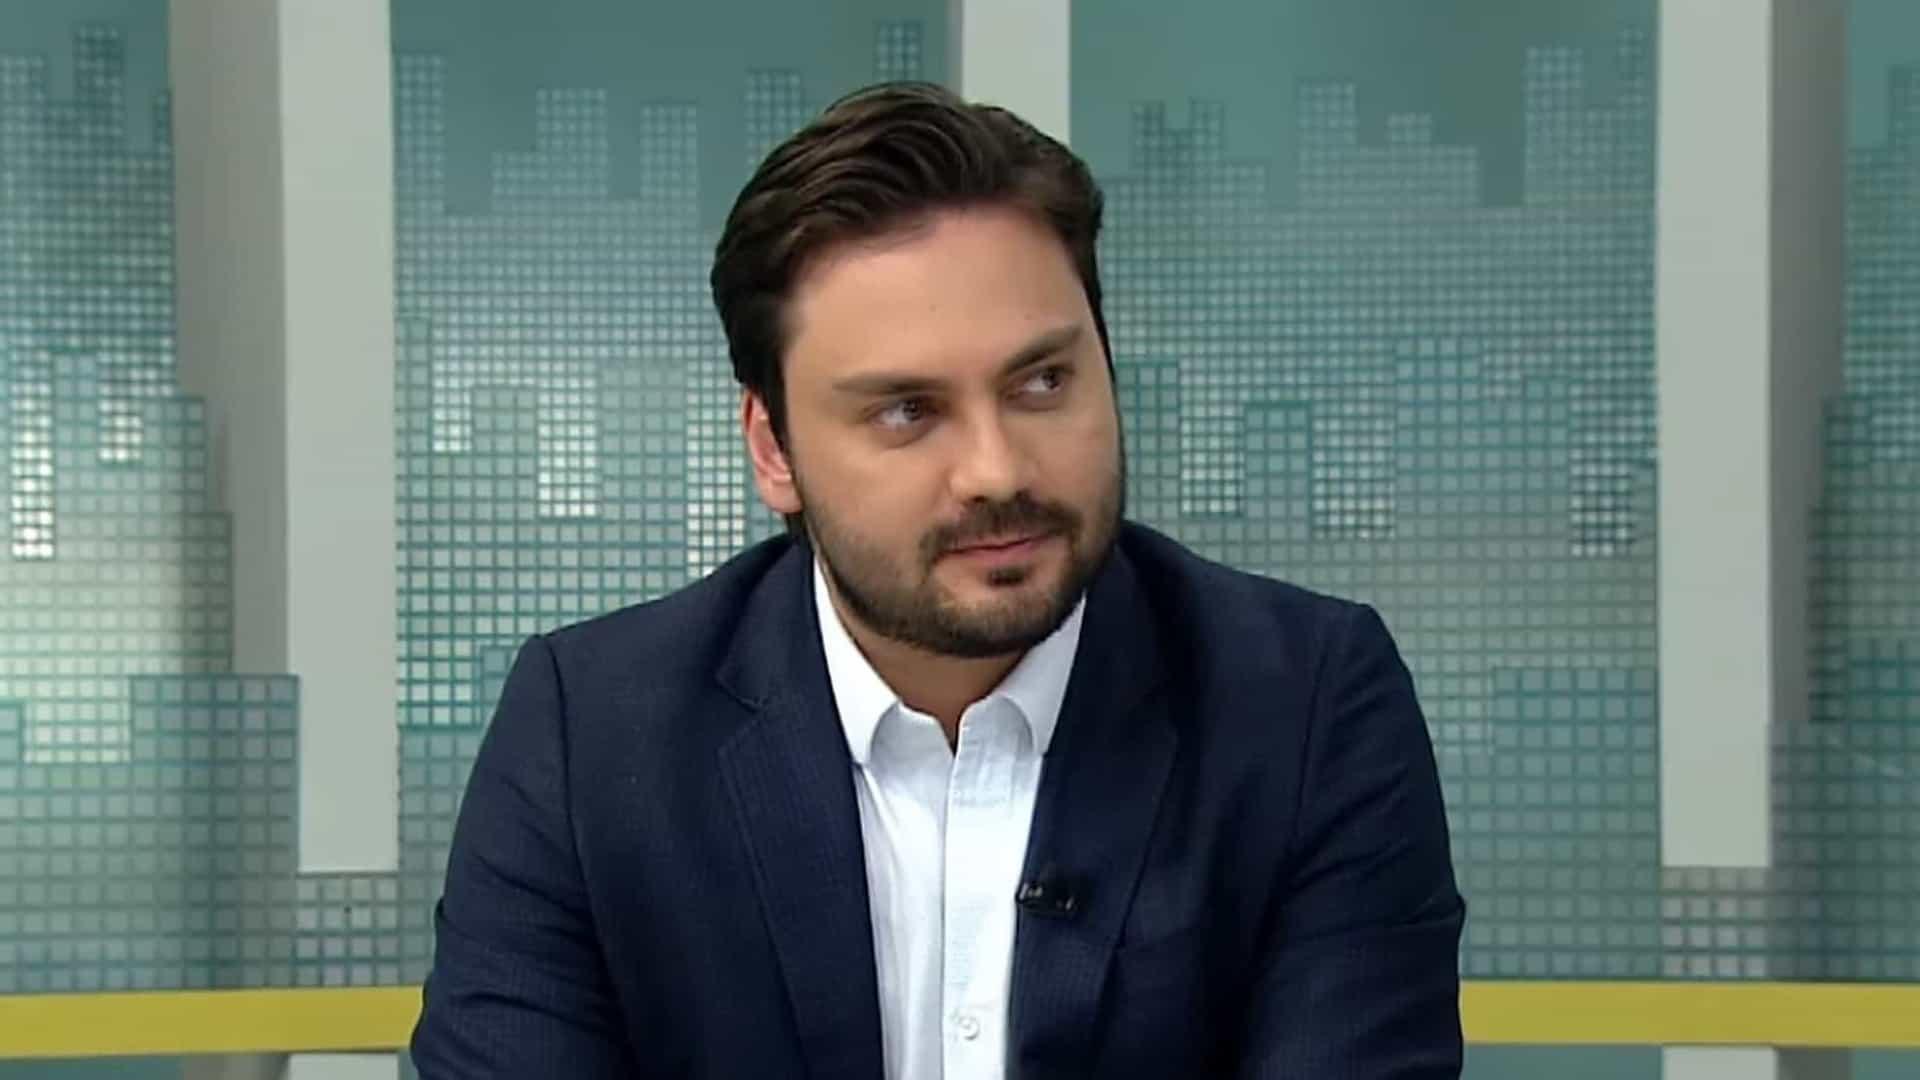 Justiça eleitoral invalida candidatura de Filipe Sabará nas eleições 2020